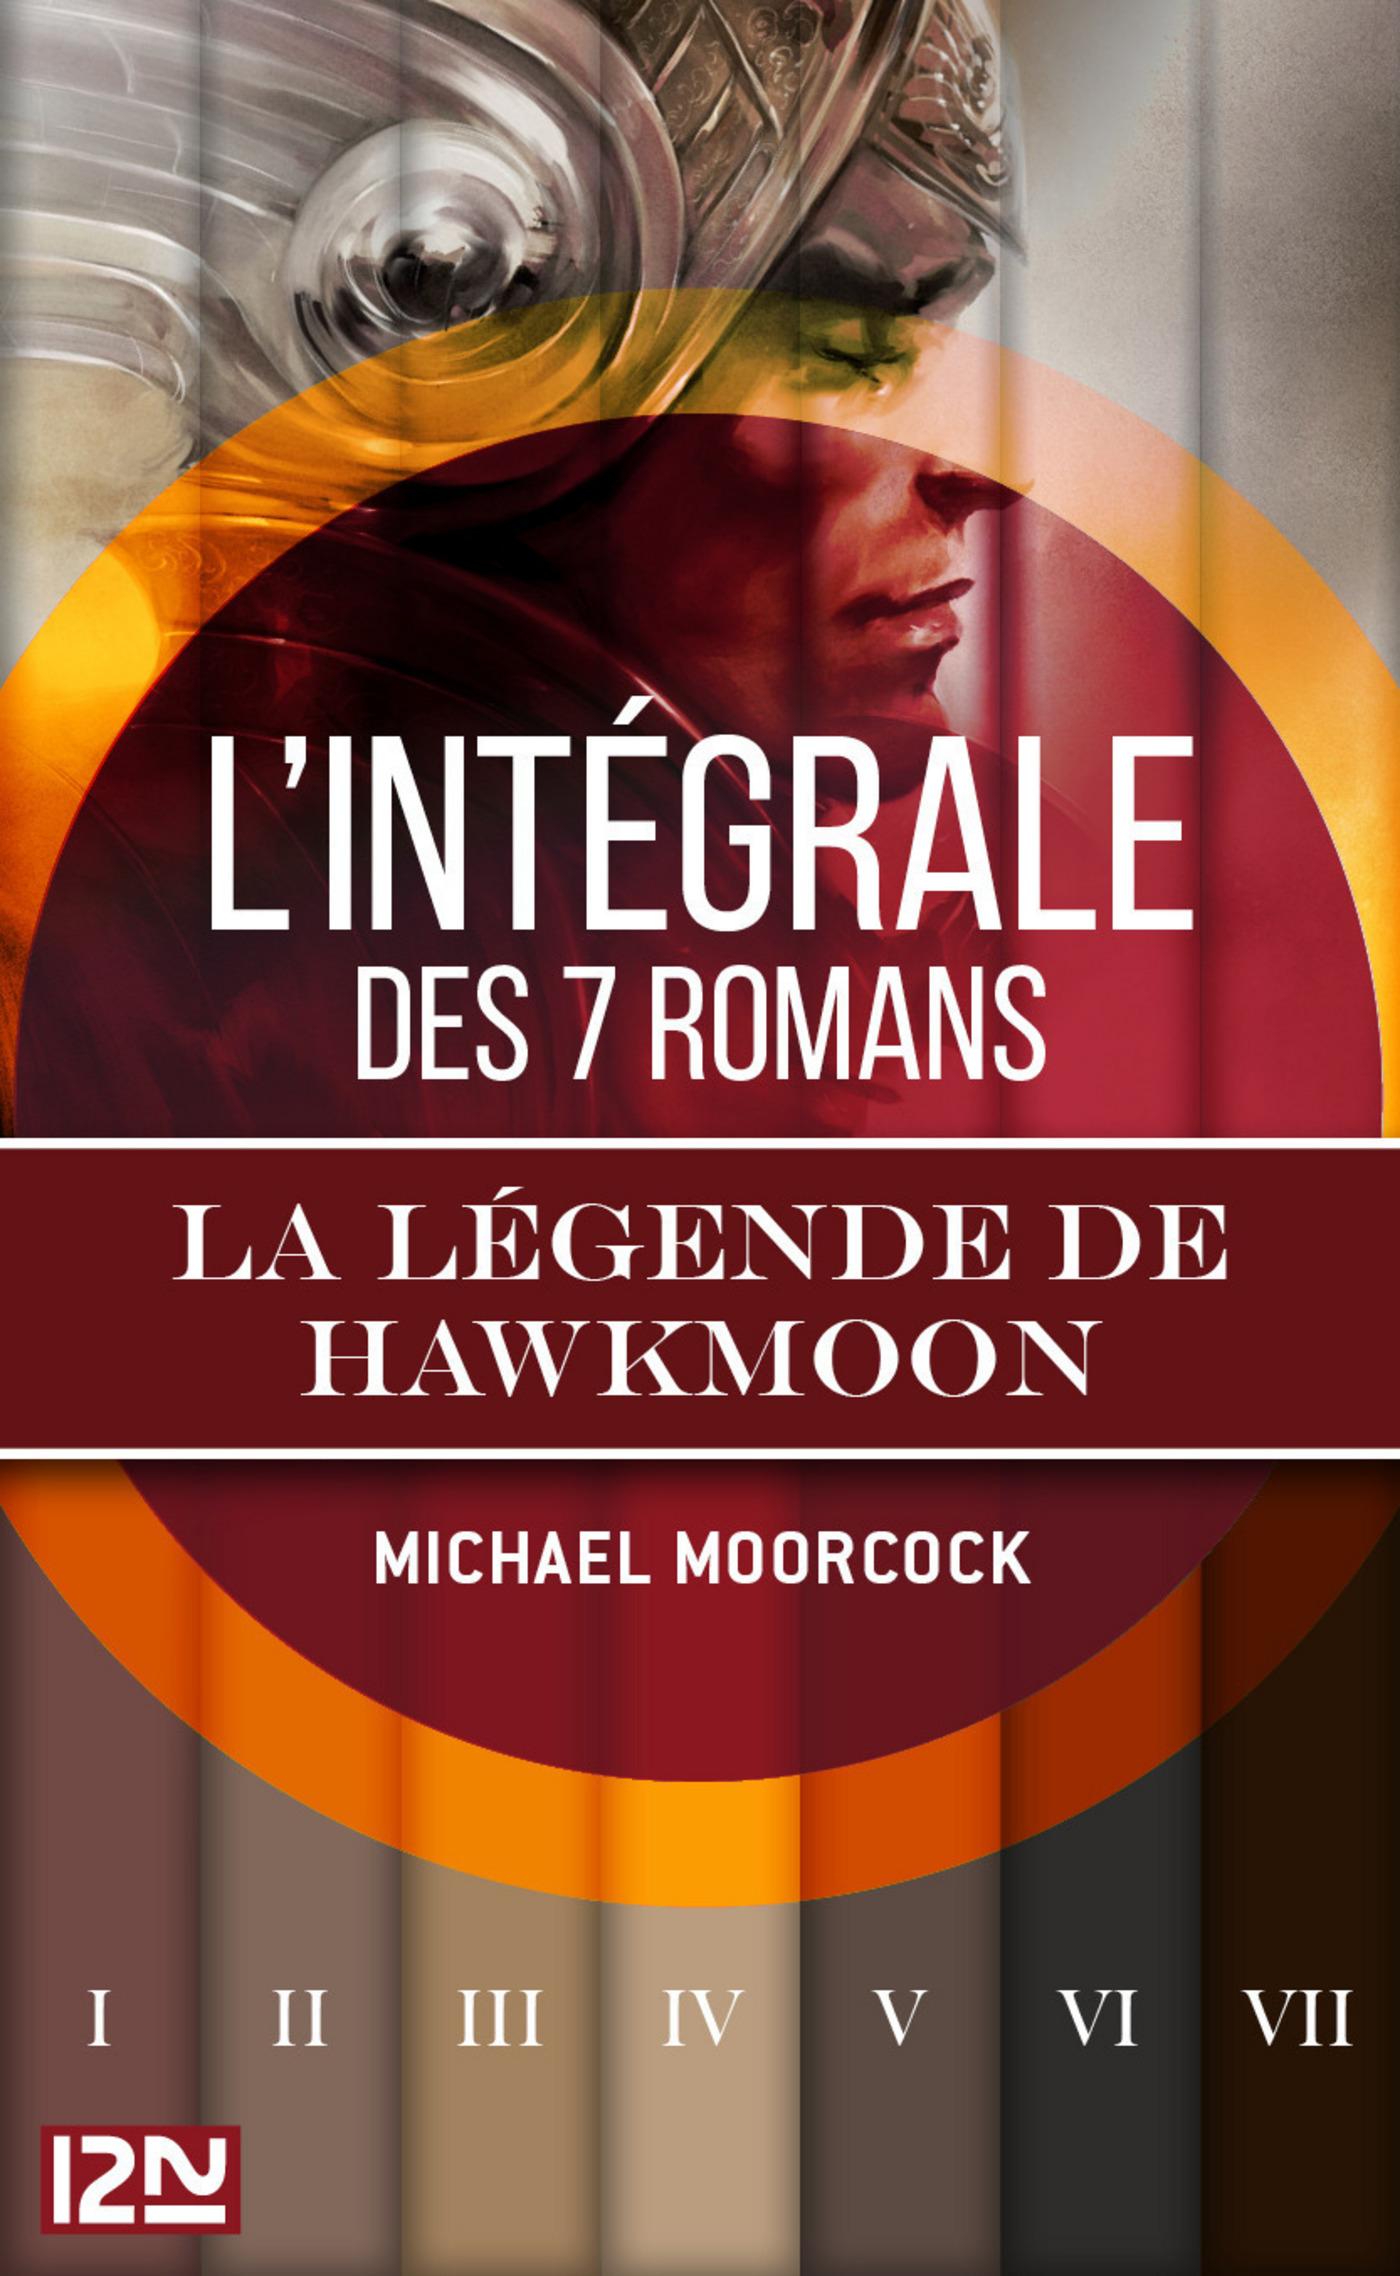 Intégrale La légende de Hawkmoon (ebook)